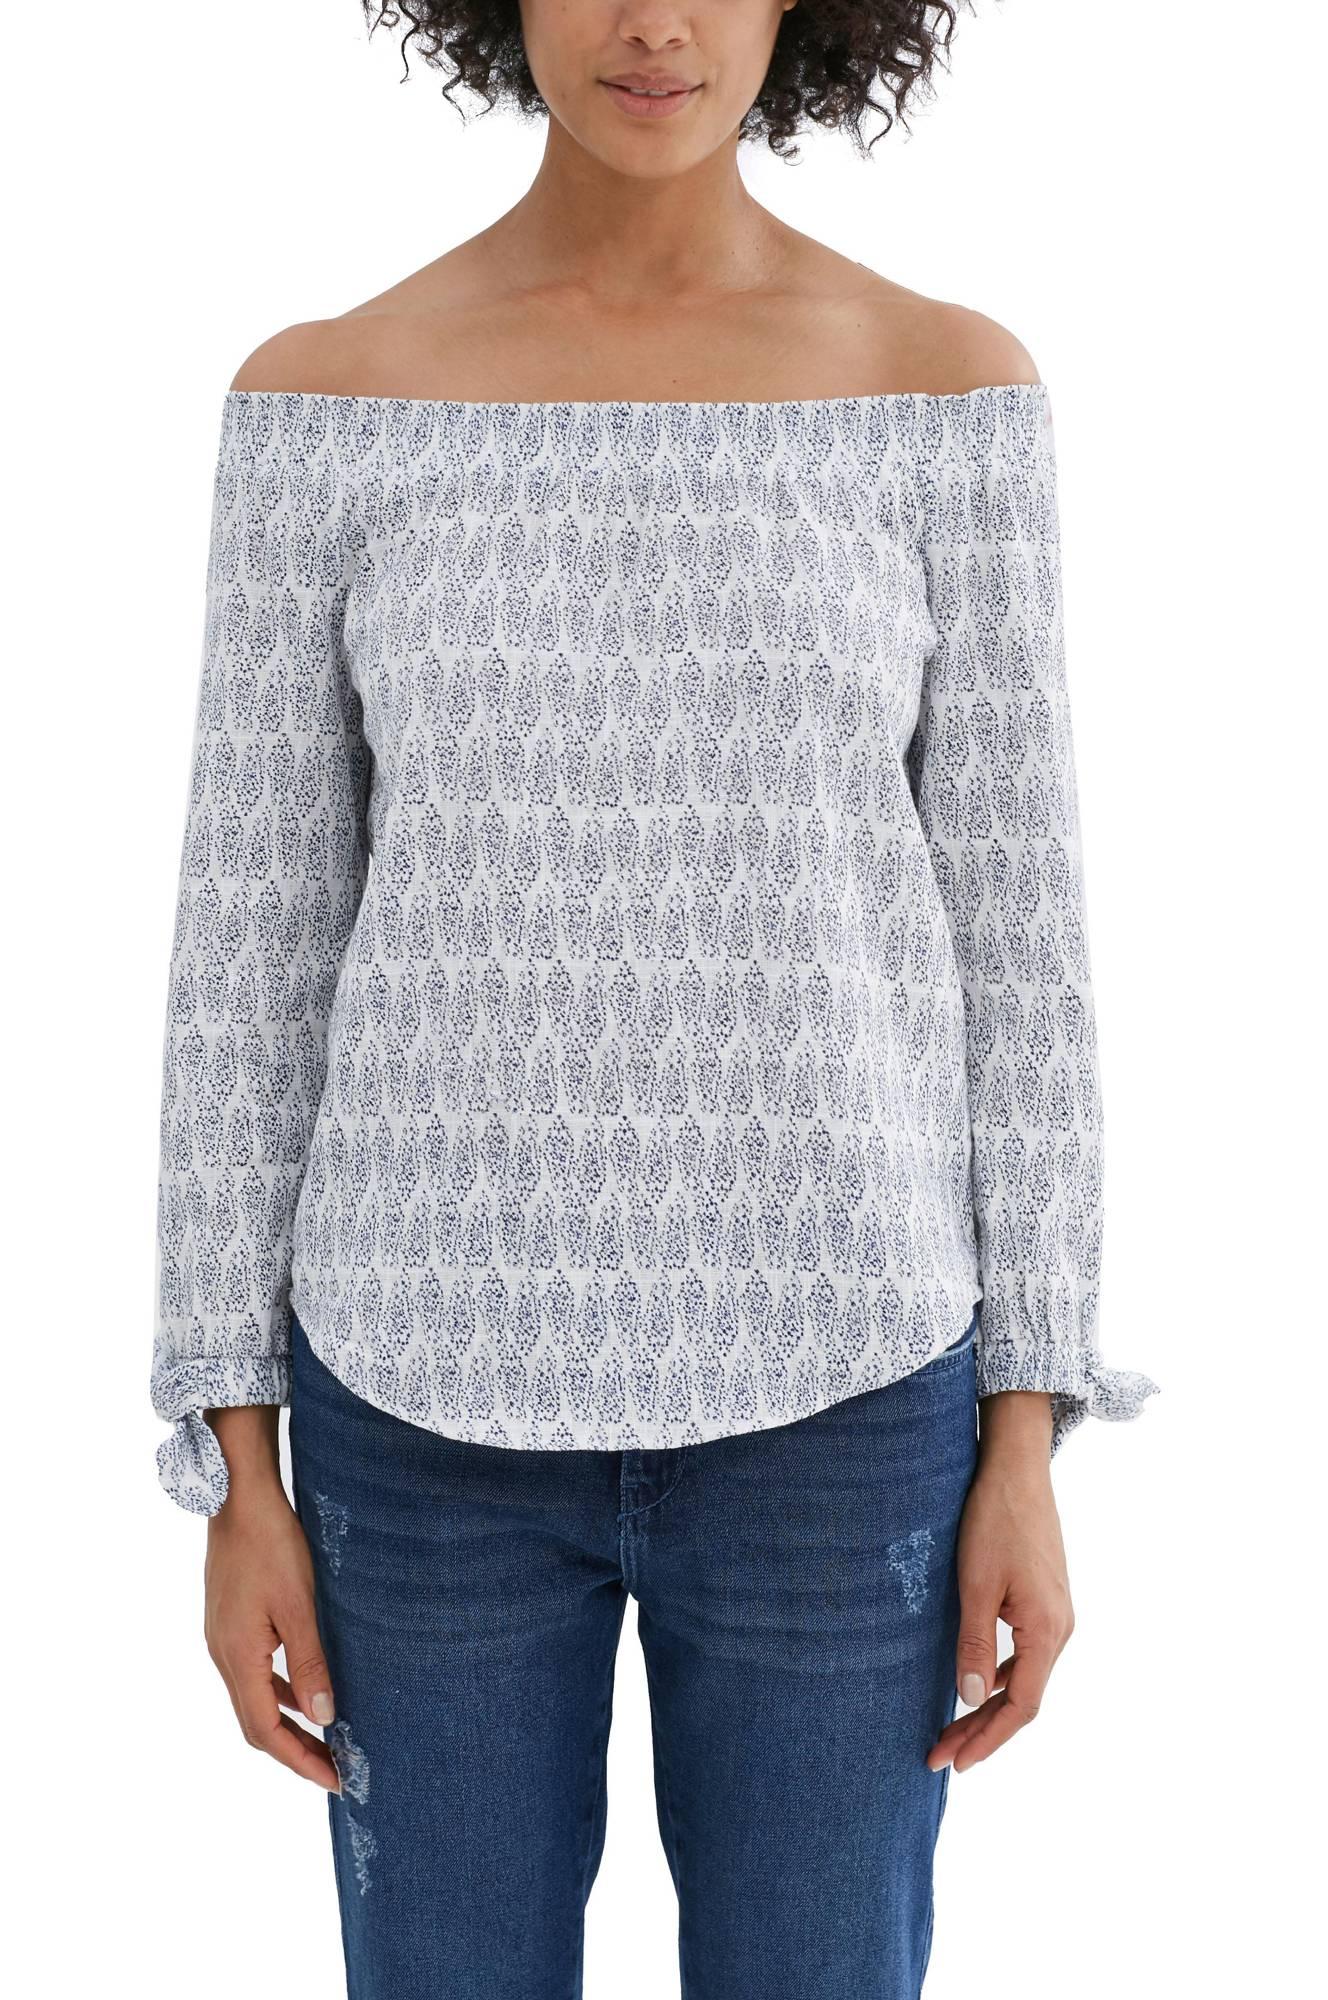 Bluse Off Shoulder Esprit Skjorter & bluser til Kvinder i Offwhite